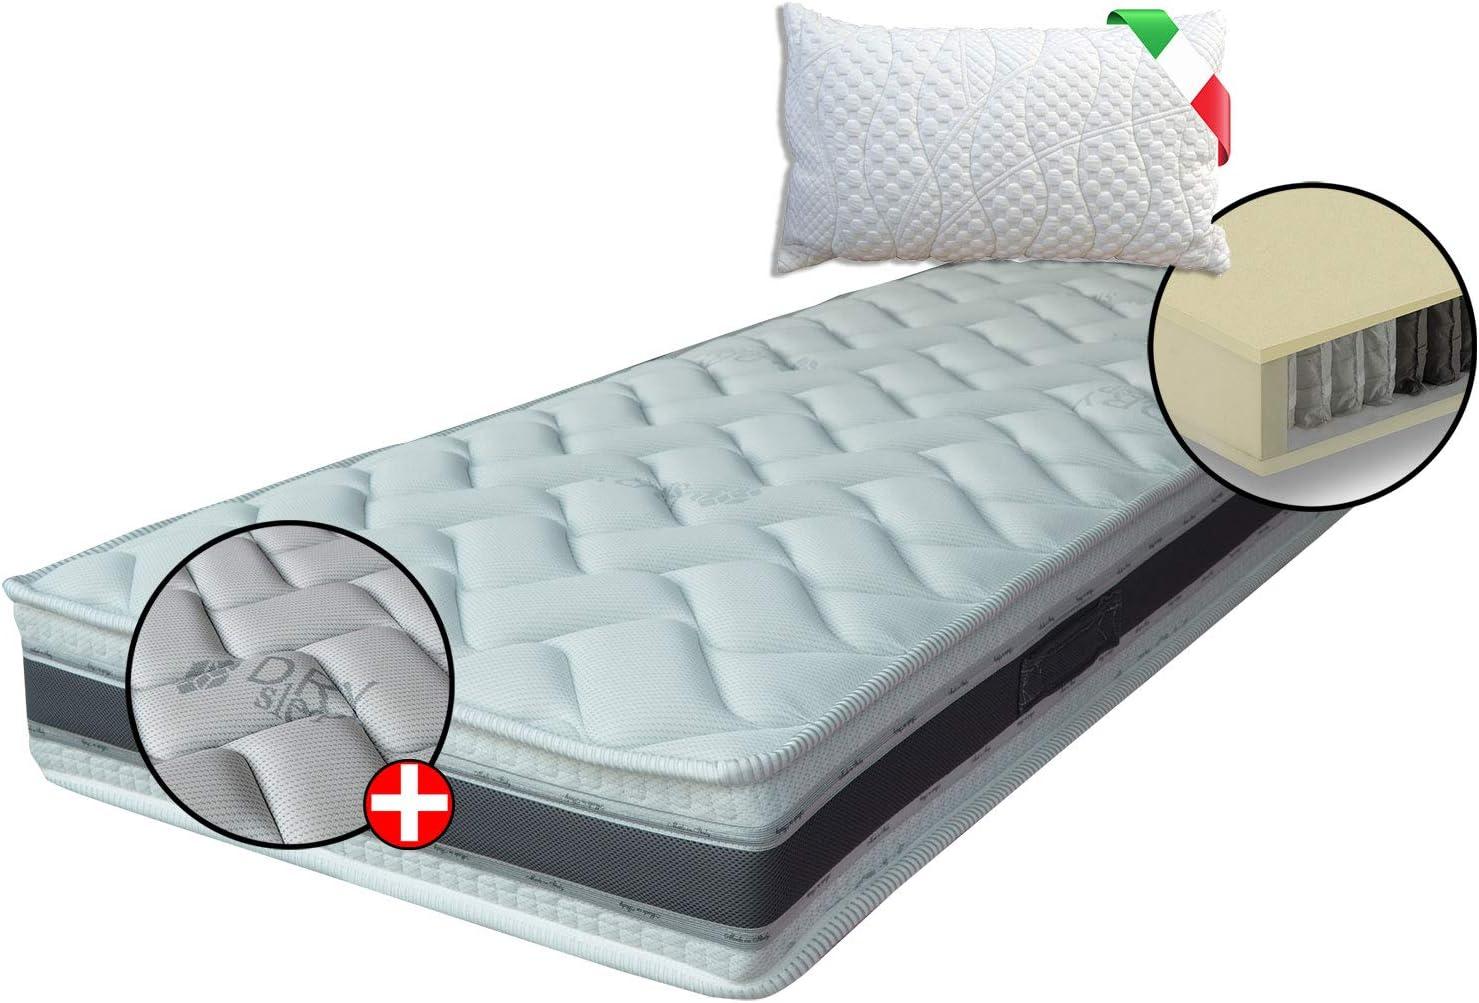 Colchón ortopédico 400 muelles ensacados independientes, colchón dispositivo médico, comodidad 7 zonas + 1 almohada, banda 3D y fibras naturales, individual 90 x 195 cm